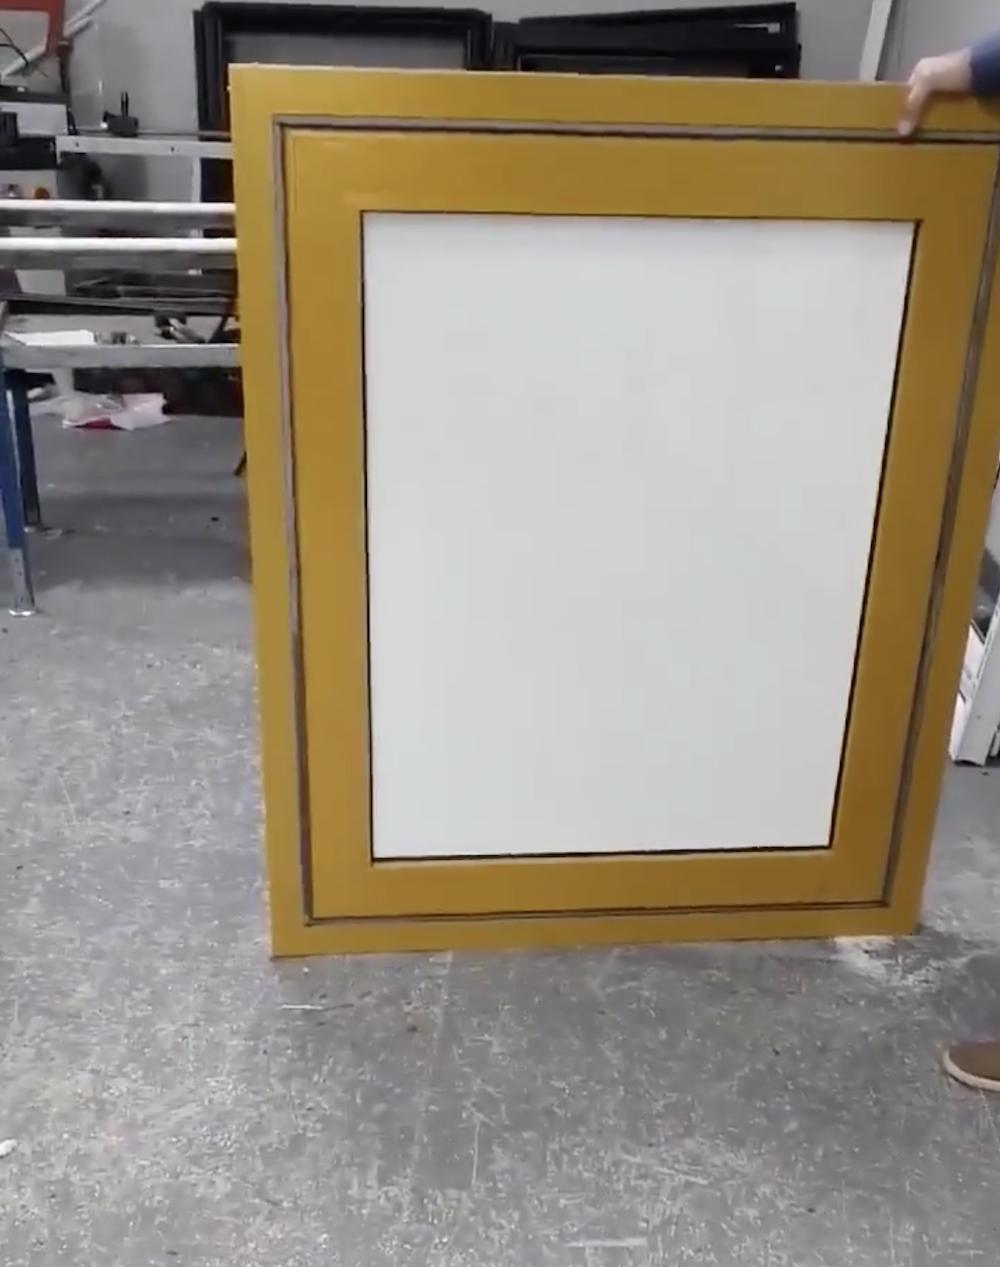 Un ingénieux système à base de sable pour opacifier les fenêtres